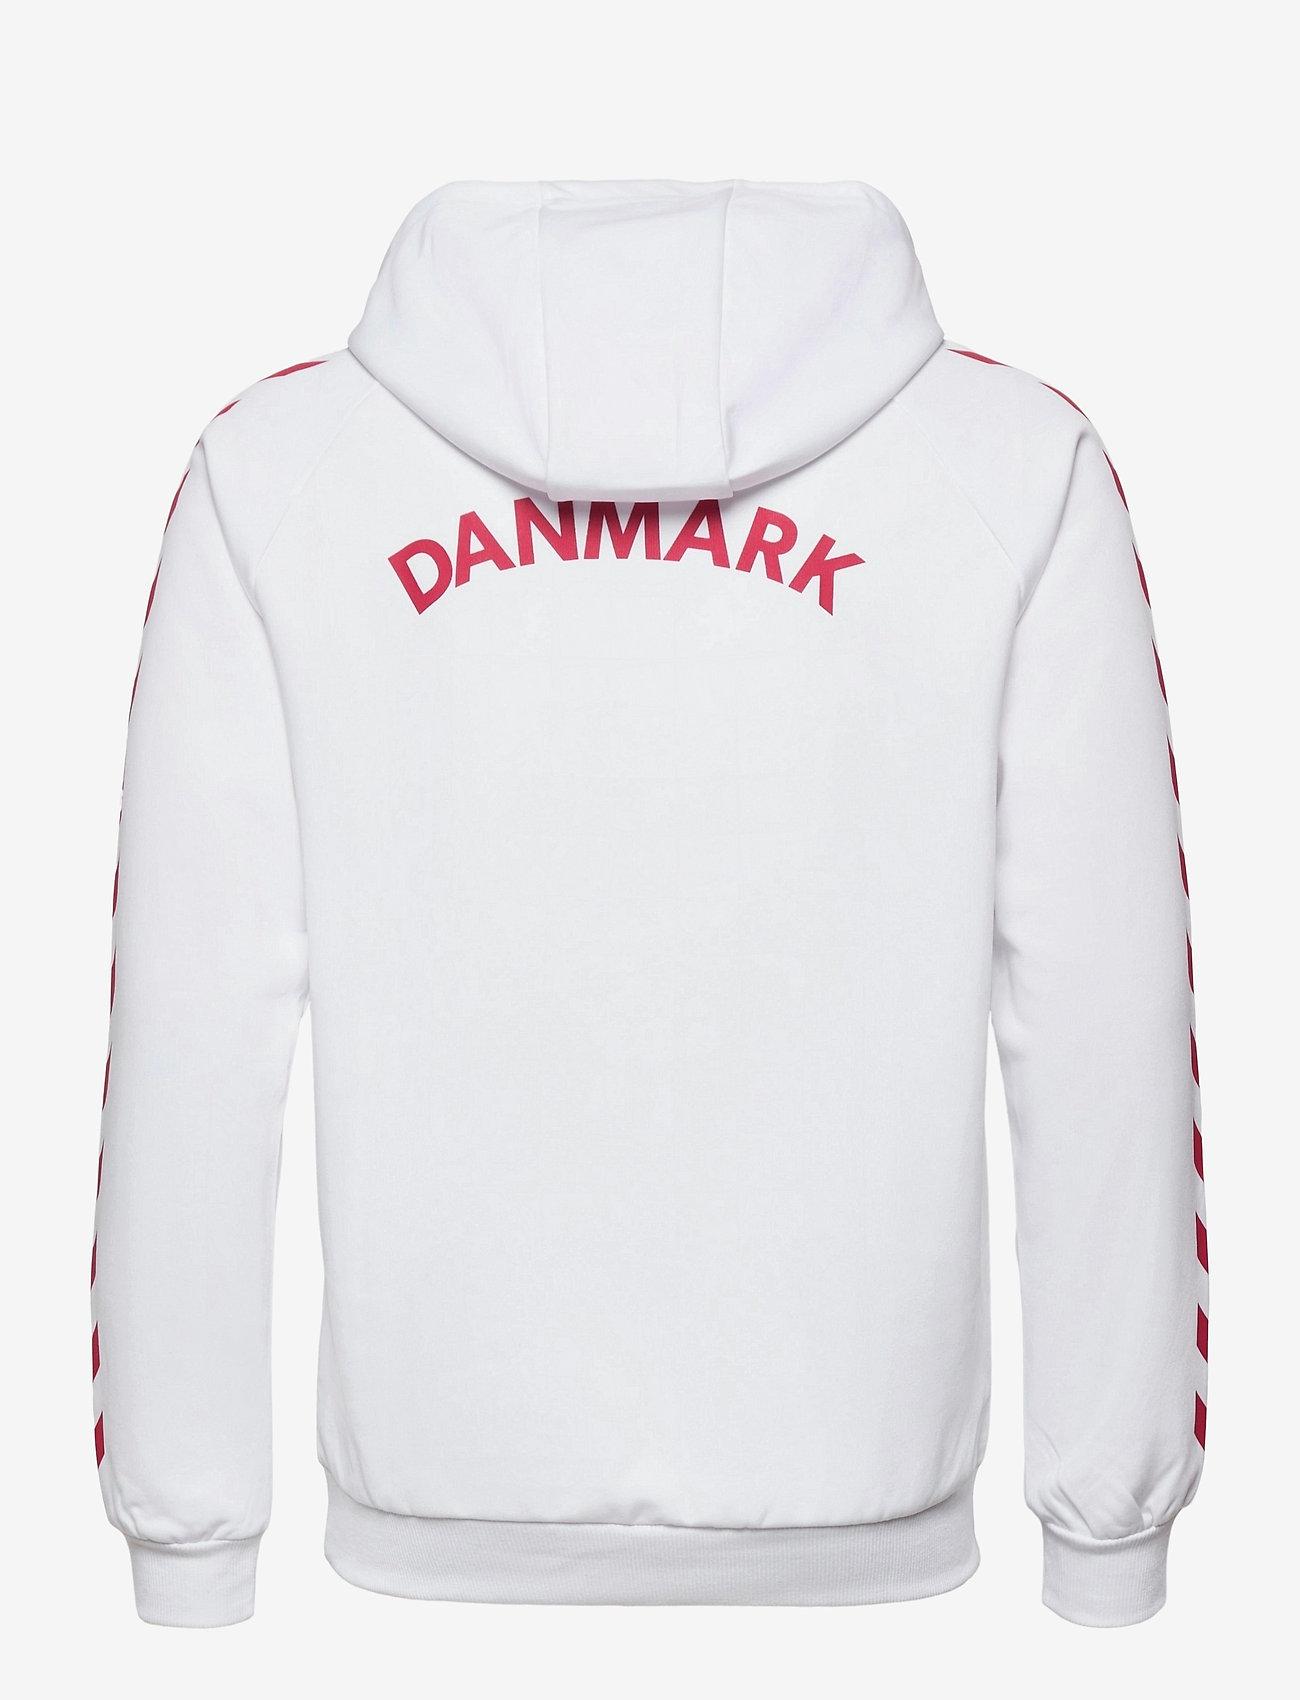 Hummel - DBU FAN 2020 HOODIE SWEAT - white - 1